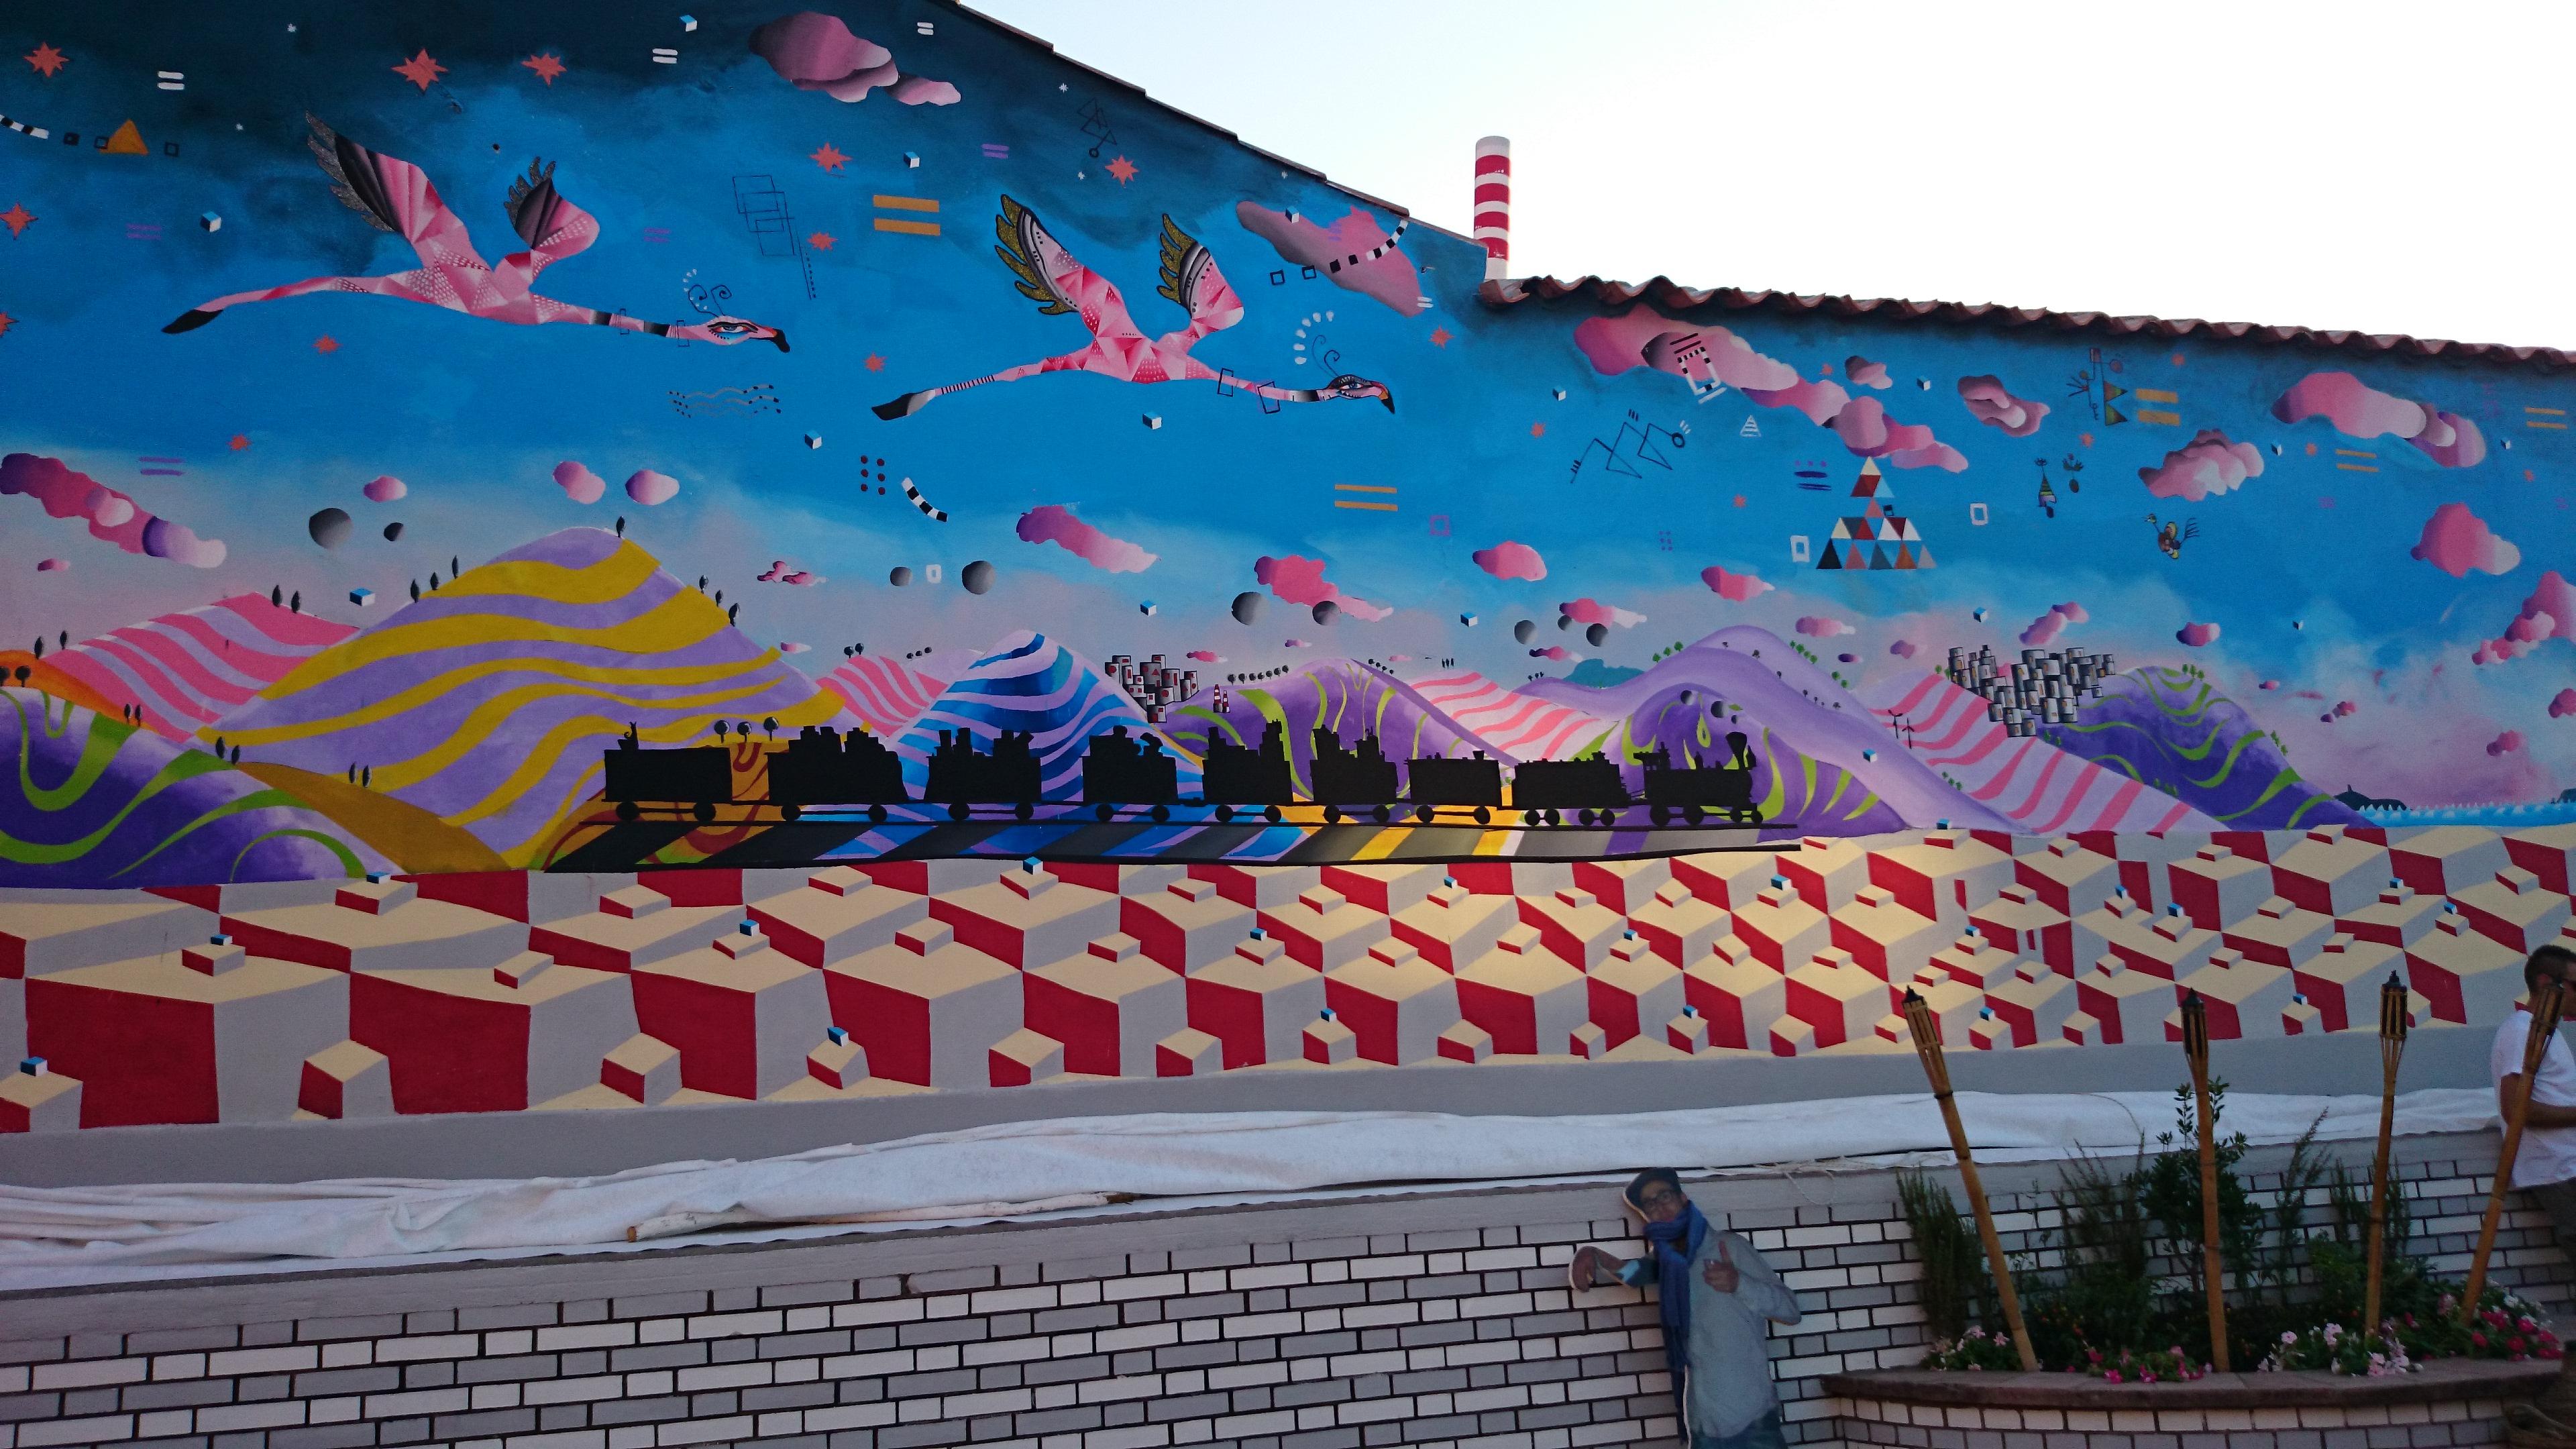 I Piu Bei Murales.Il Murales Di San Gavino Monreale Tra I 10 Piu Belli Della Sardegna